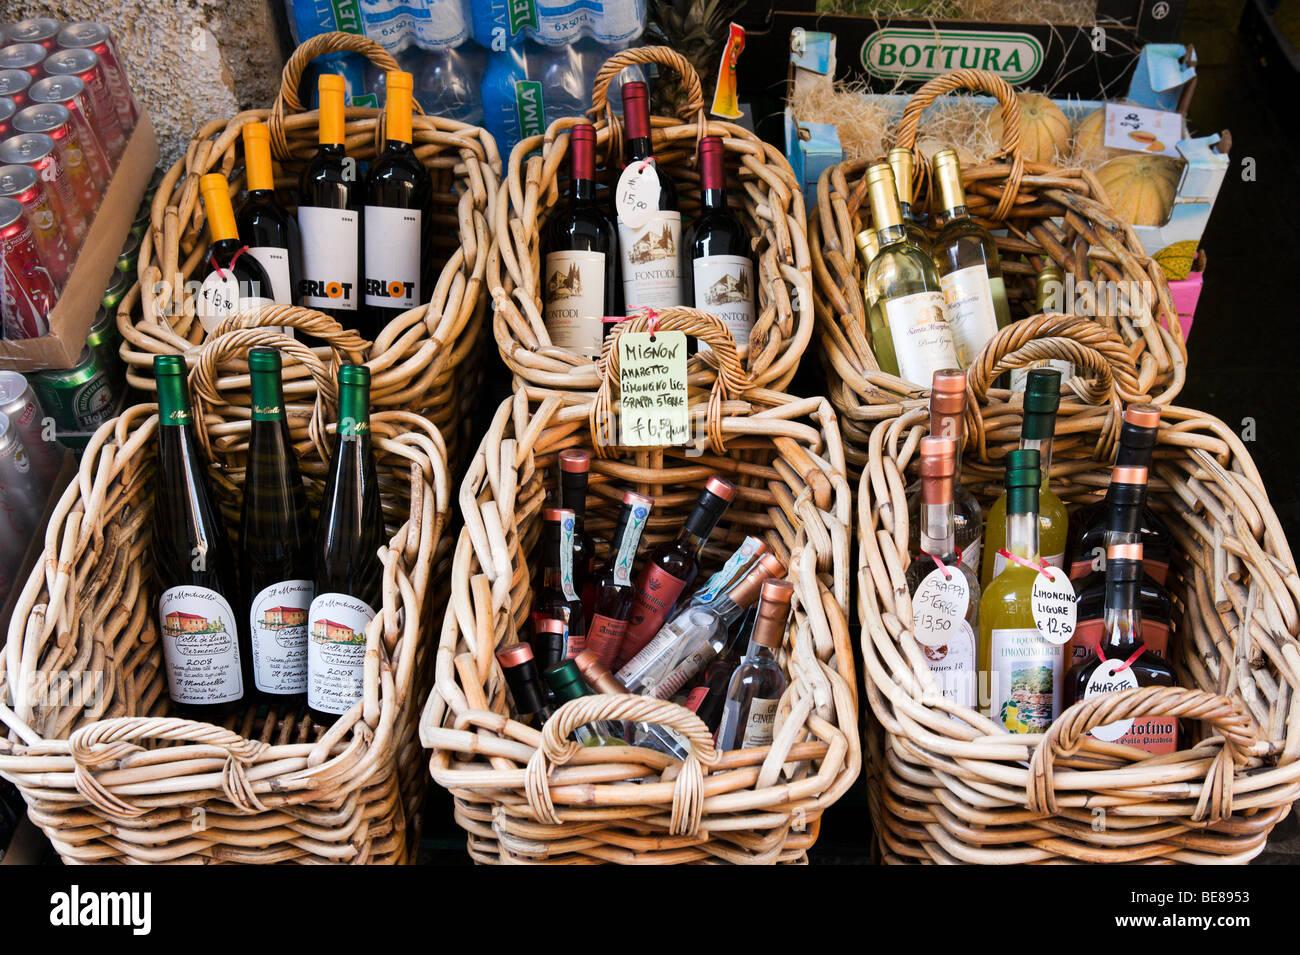 Bottles of local wine and liqueurs for sale in Portofino, Golfo del Tigullio, Italian Riviera, Liguria, Italy - Stock Image